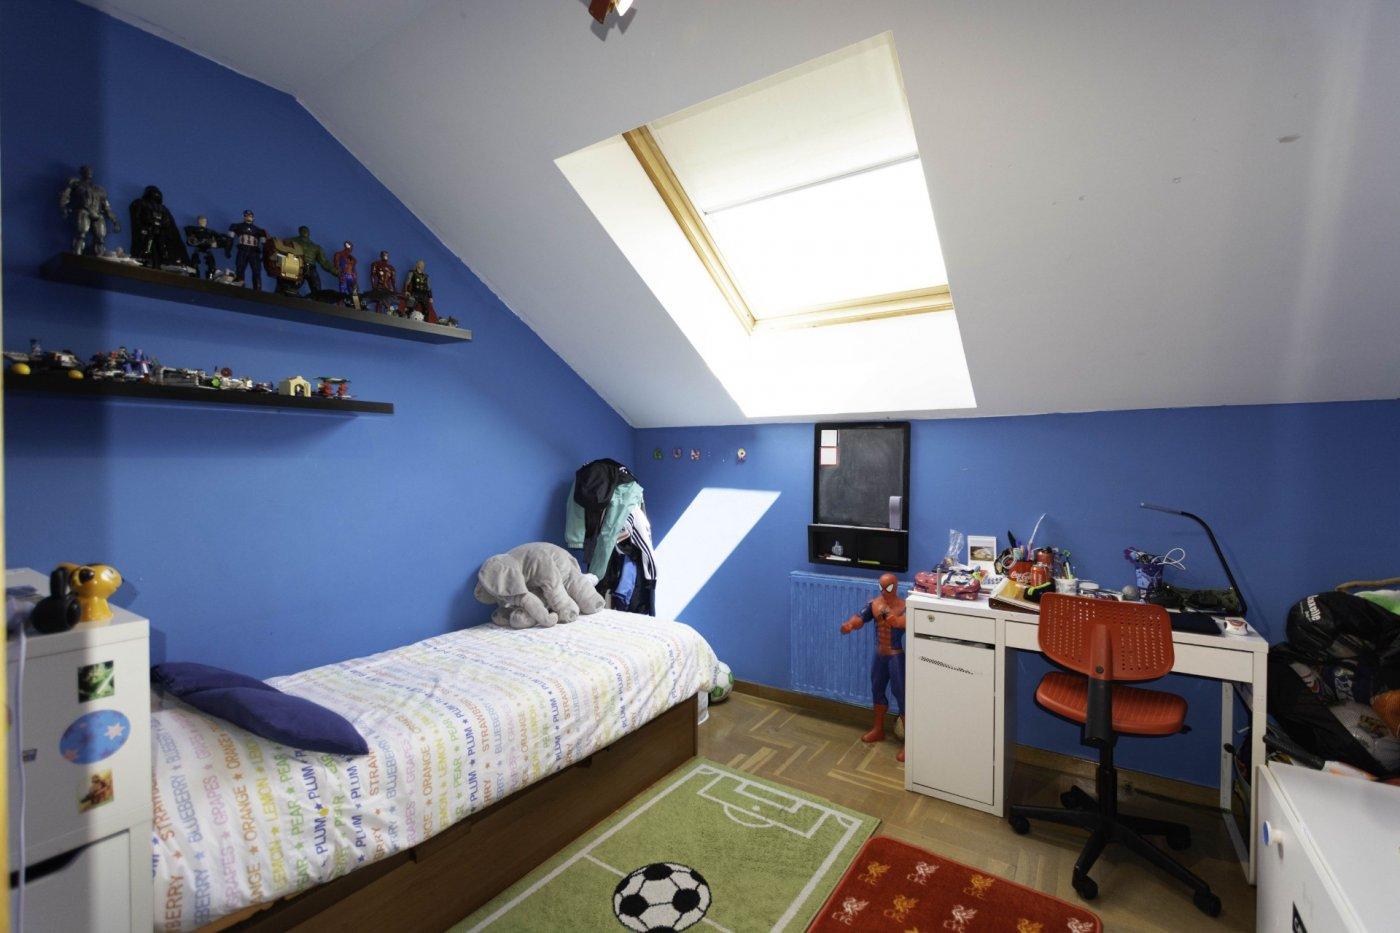 Ático con terraza de 11 m2, a 2 km de salinas - imagenInmueble15